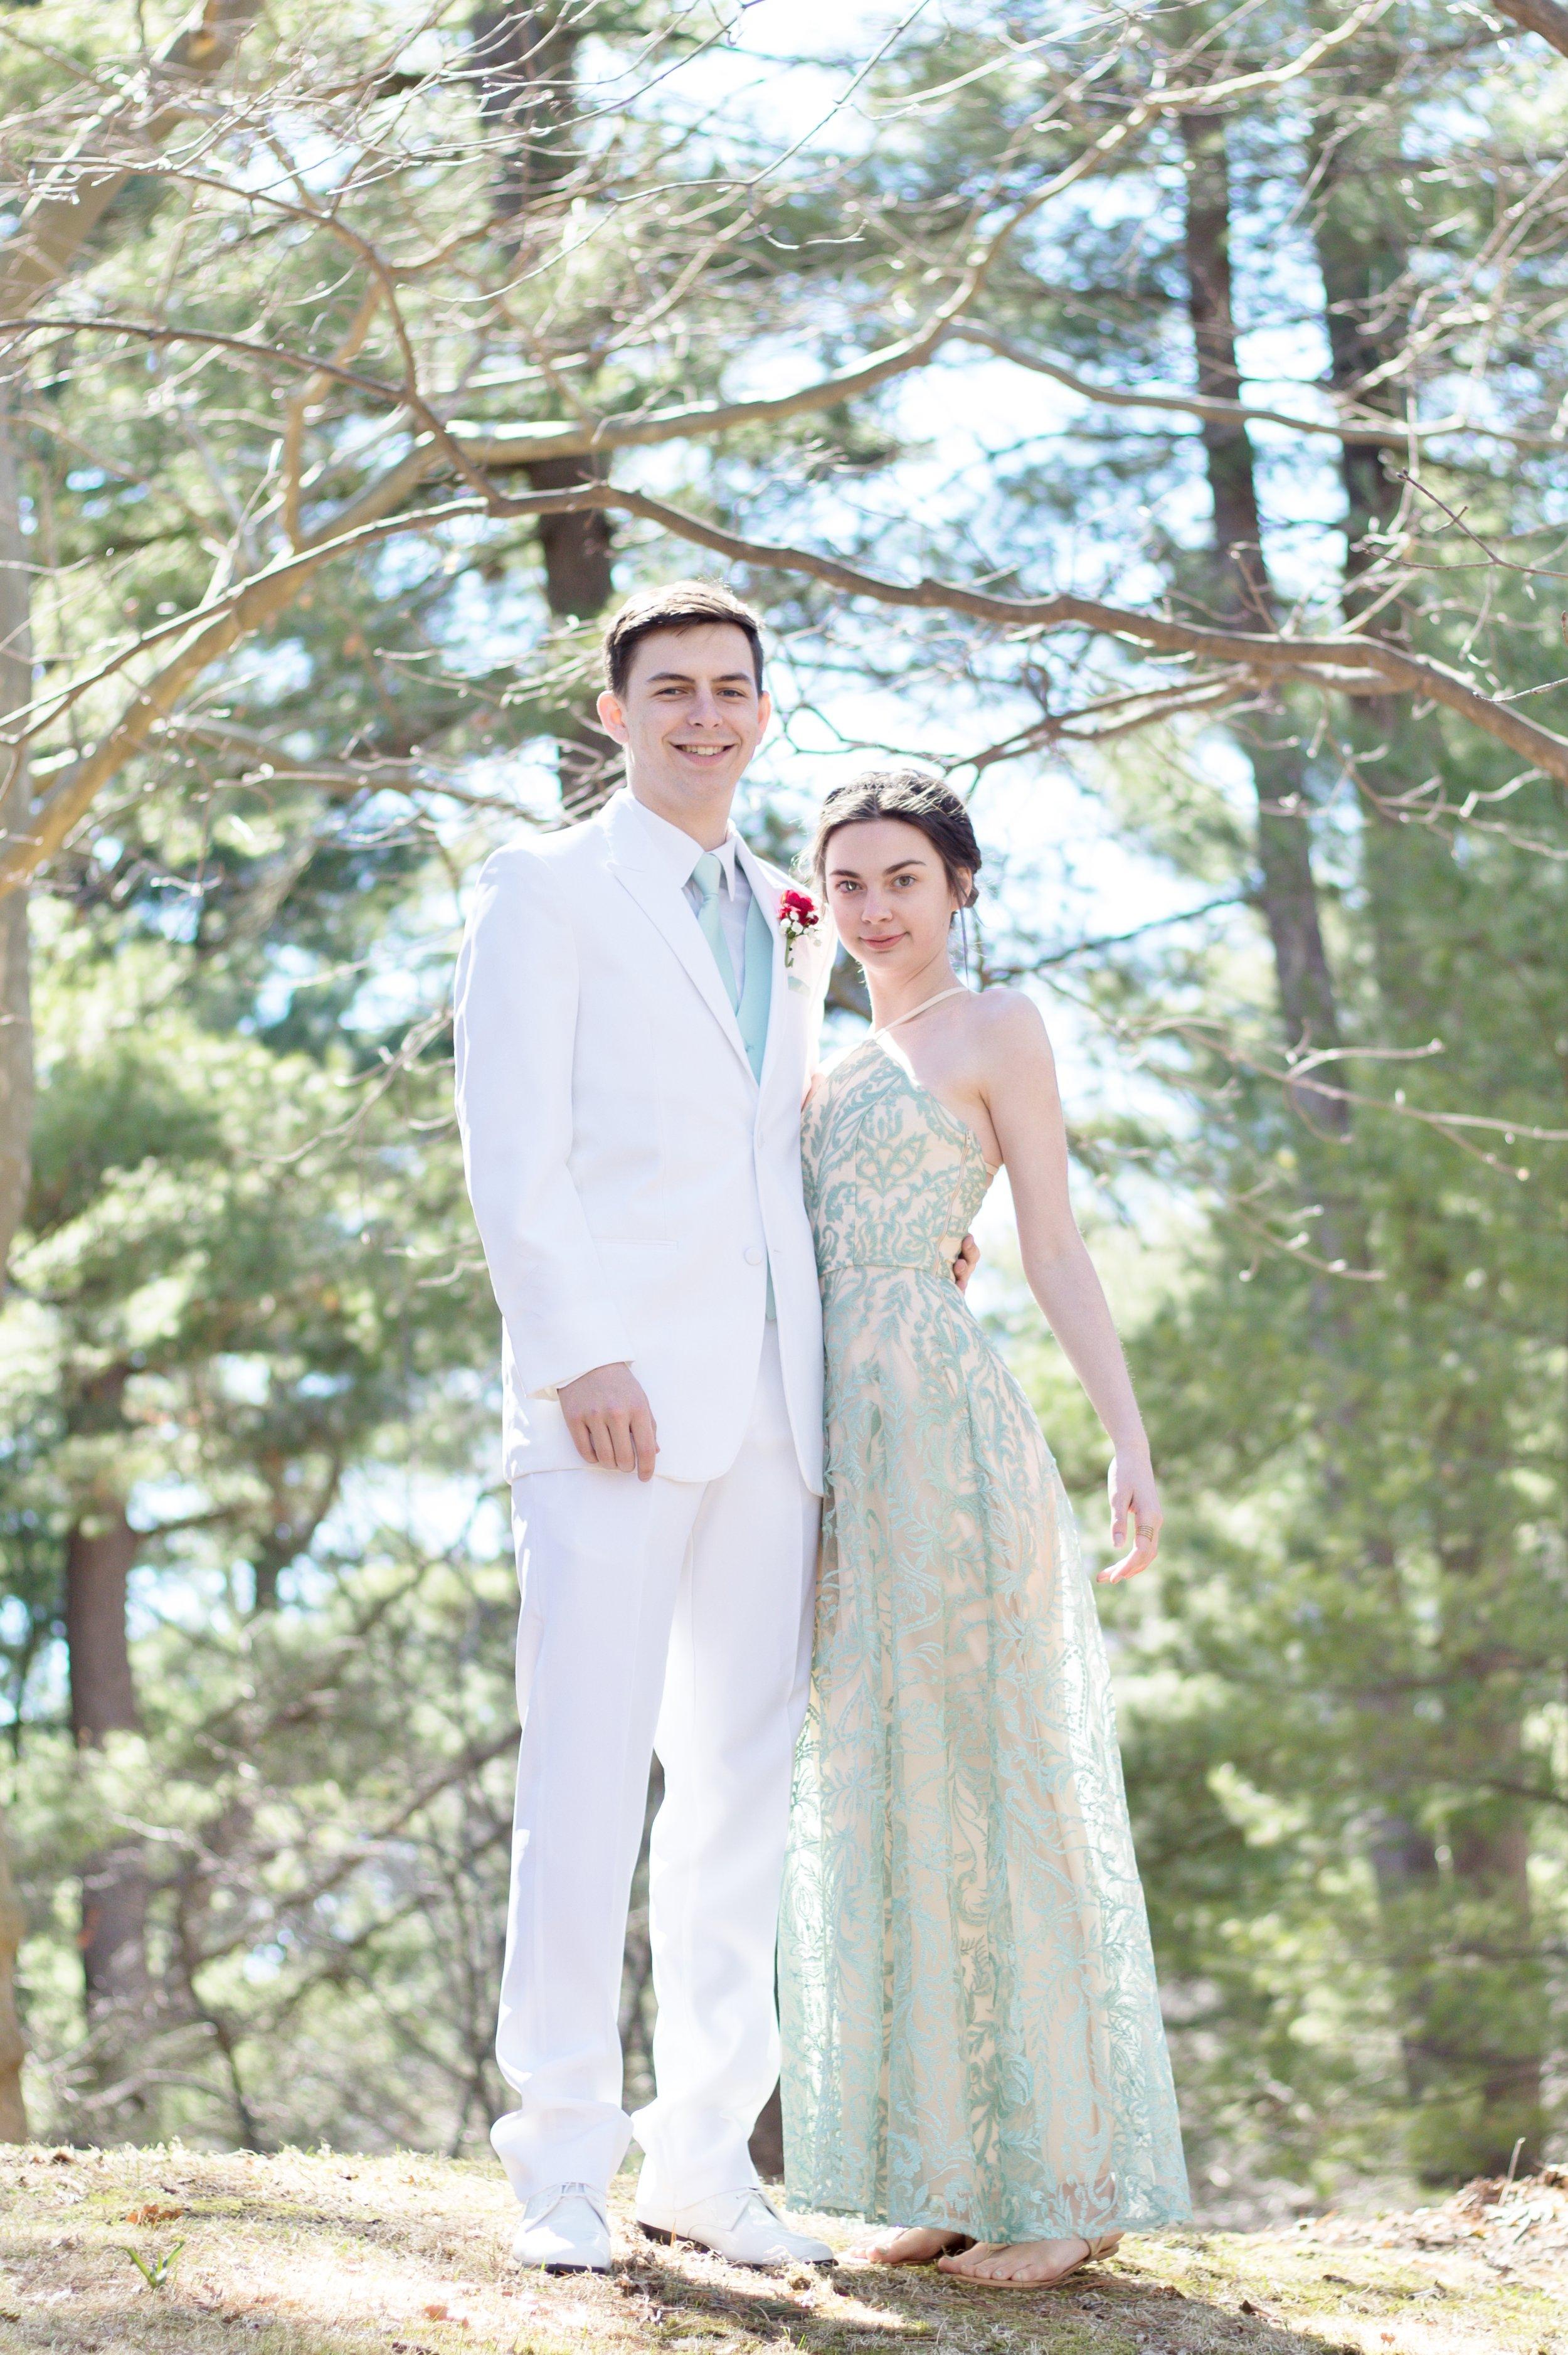 Prom Thomas and Em Thomas (6).jpg